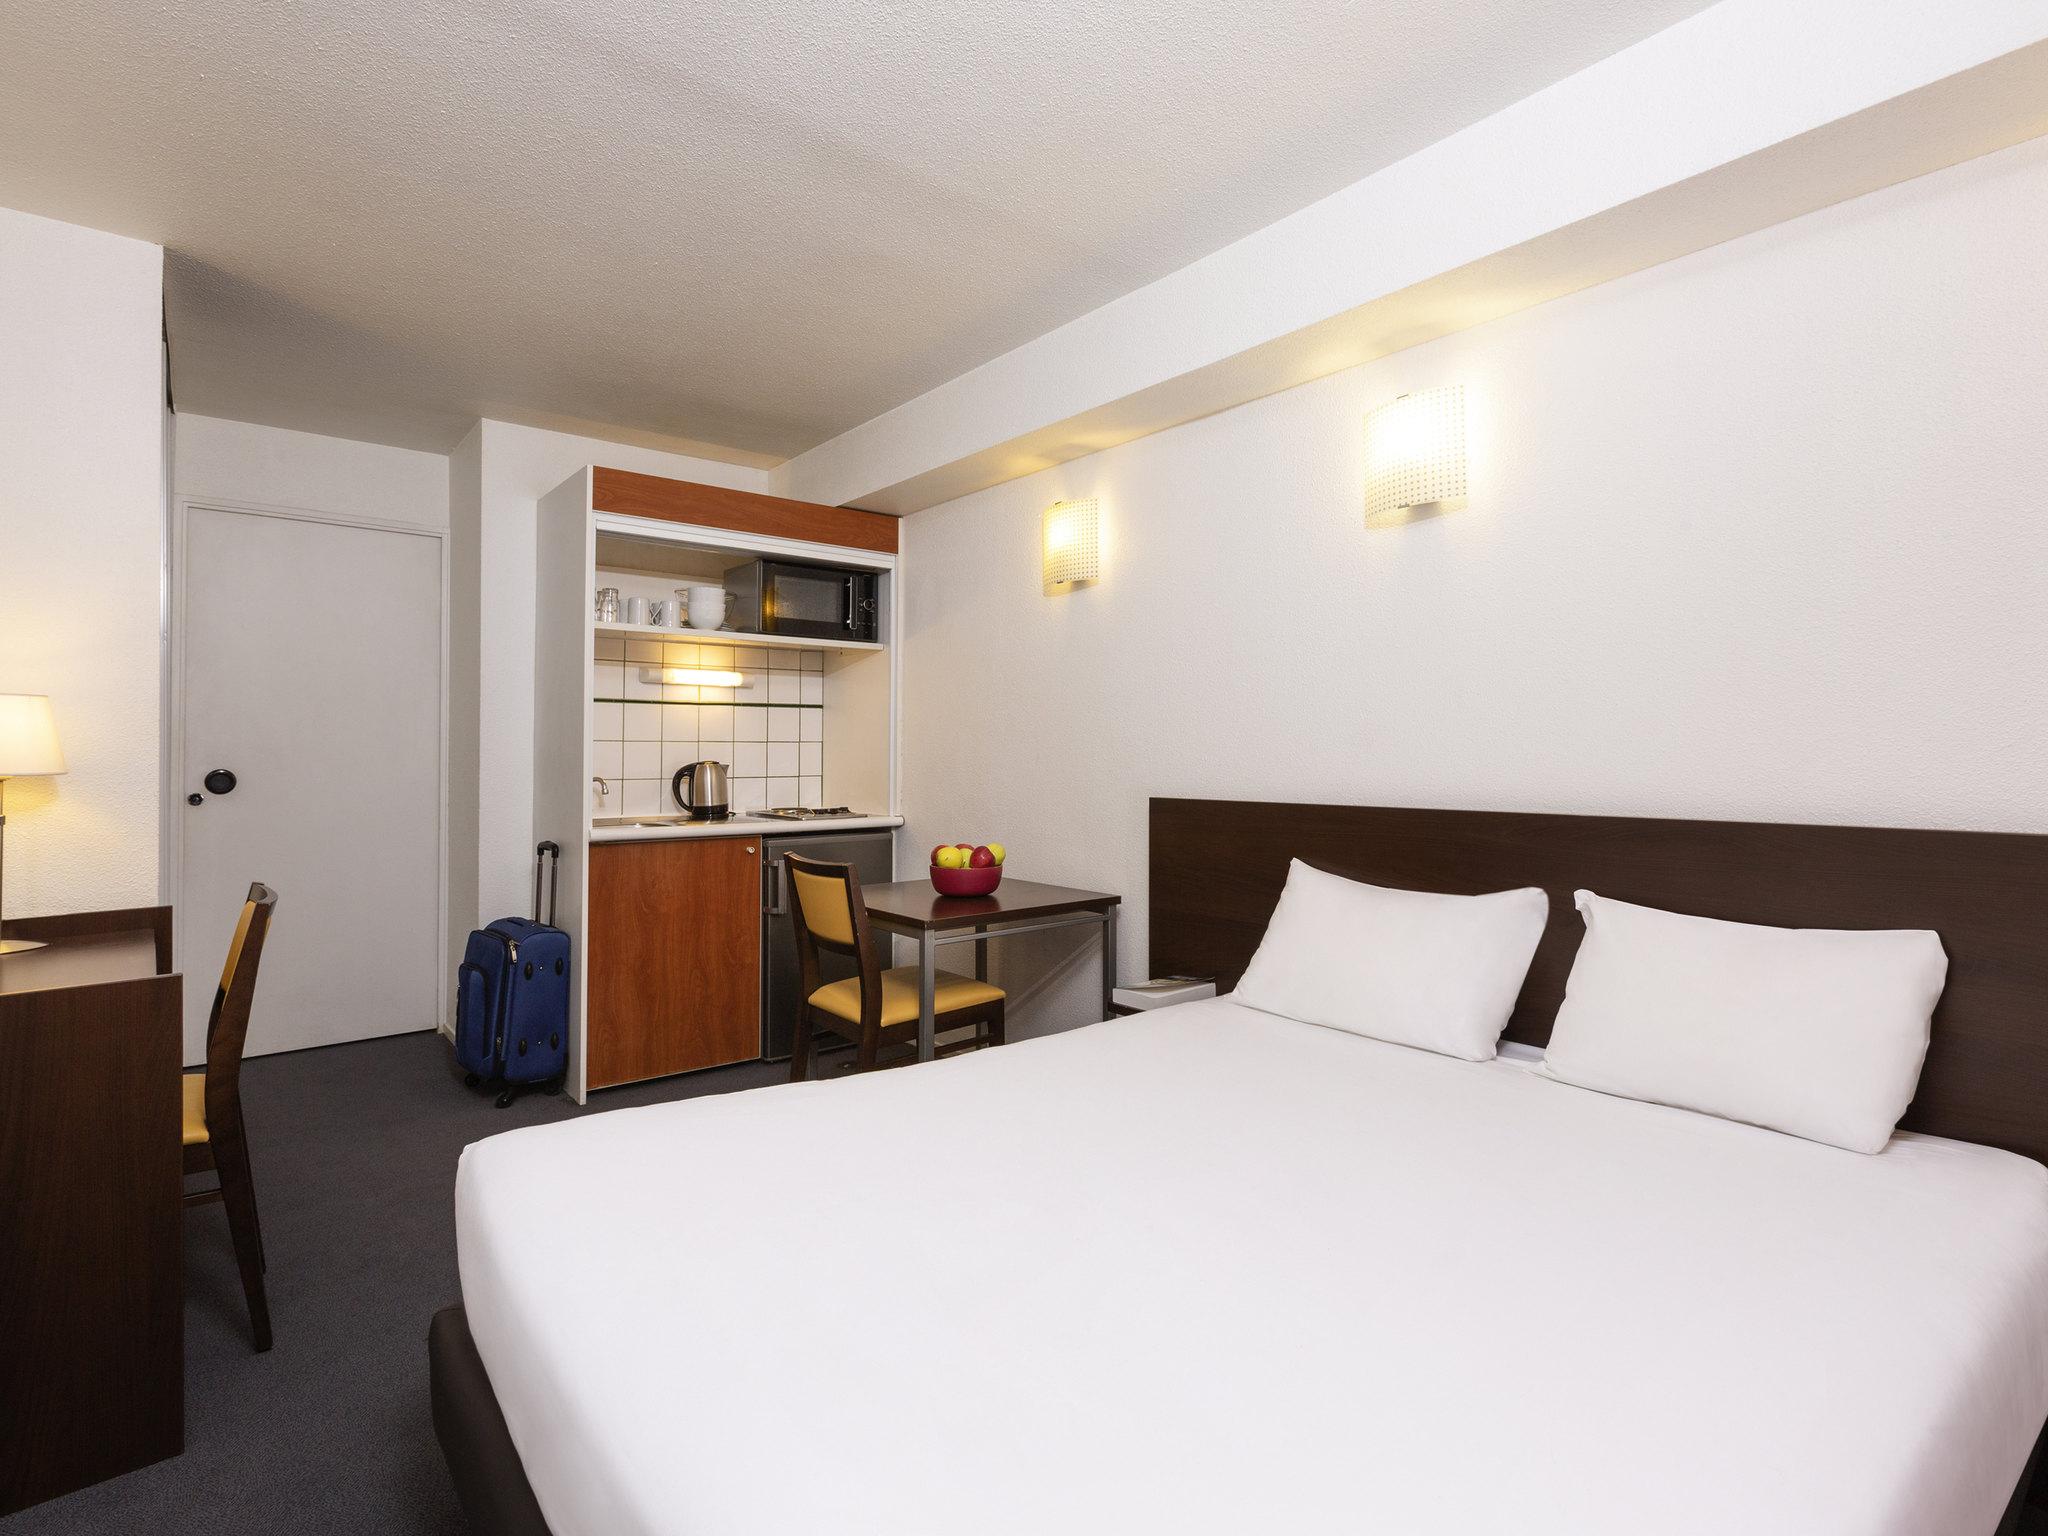 ホテル – アパートホテル アダジオ アクセス ラ デファンス レオナルド ダ ヴィンチ